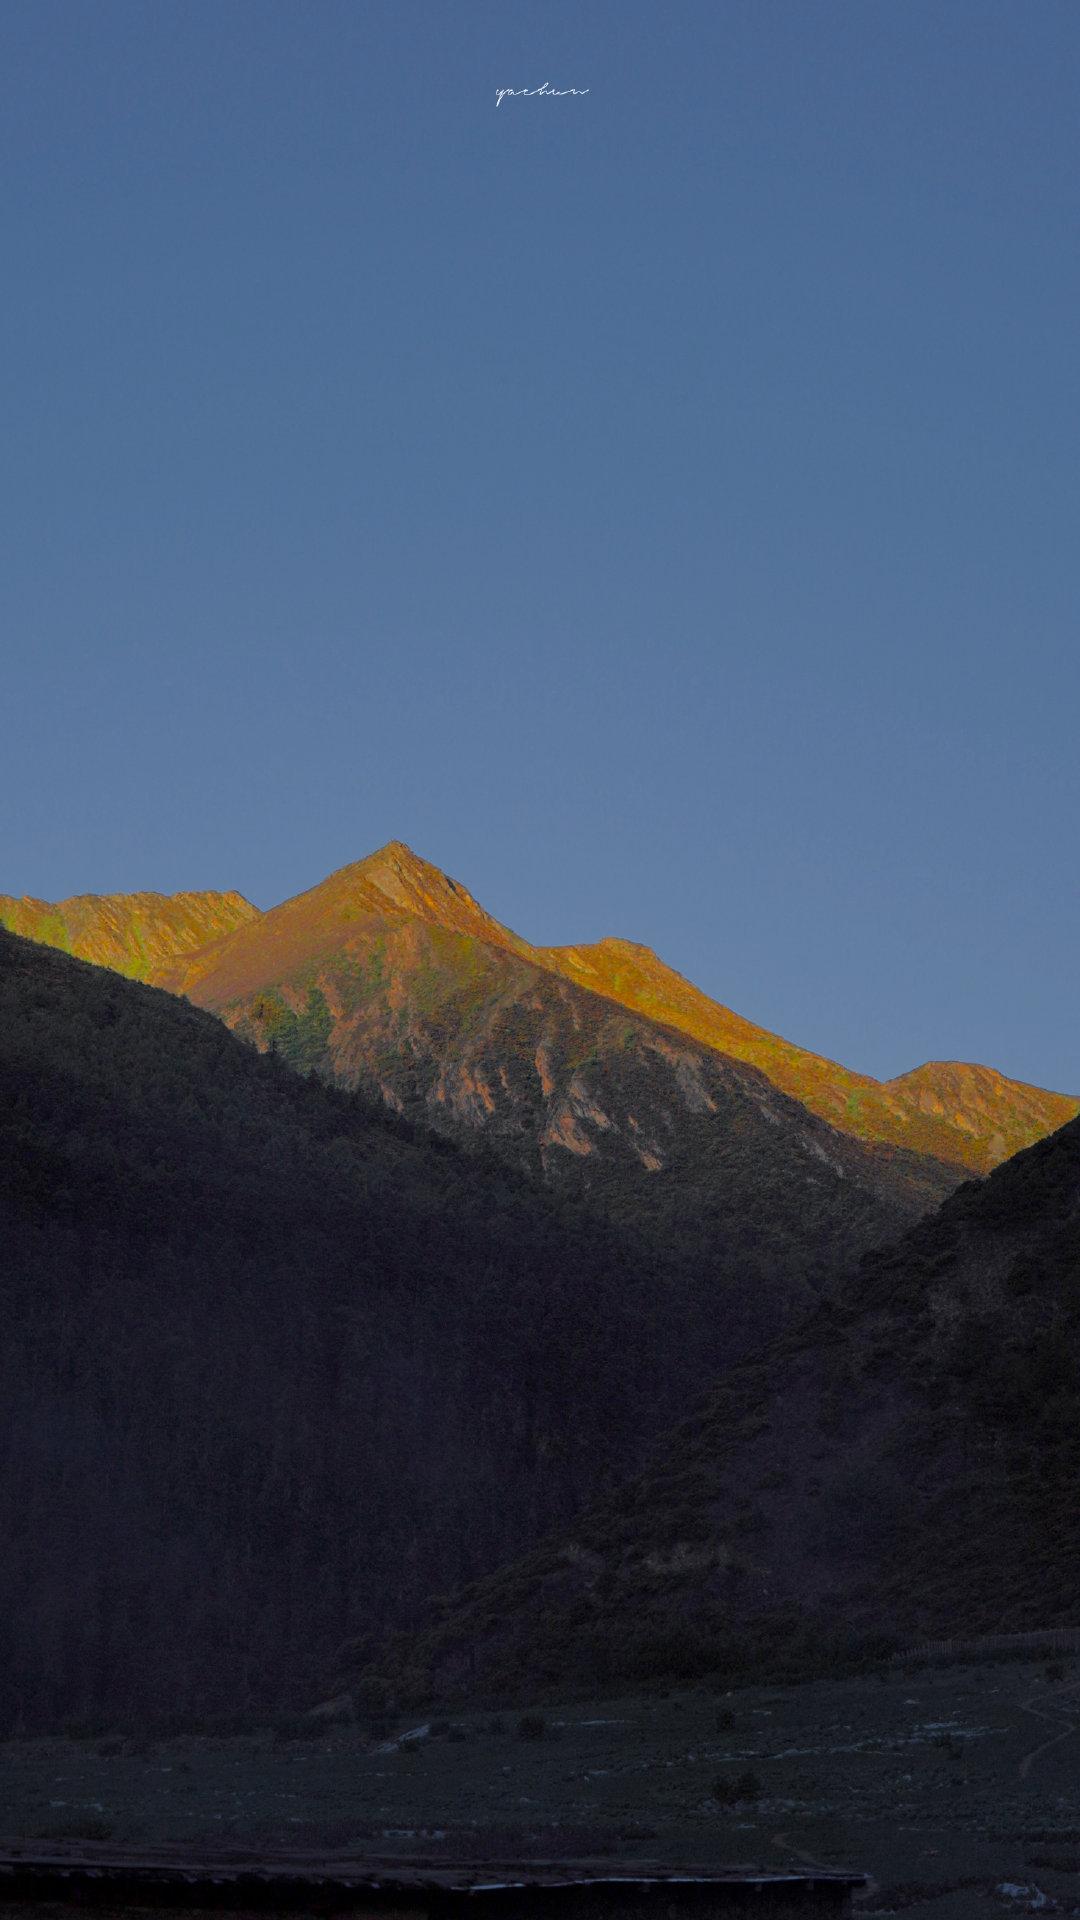 人生海海 山山而川 摄影: @过去与失去